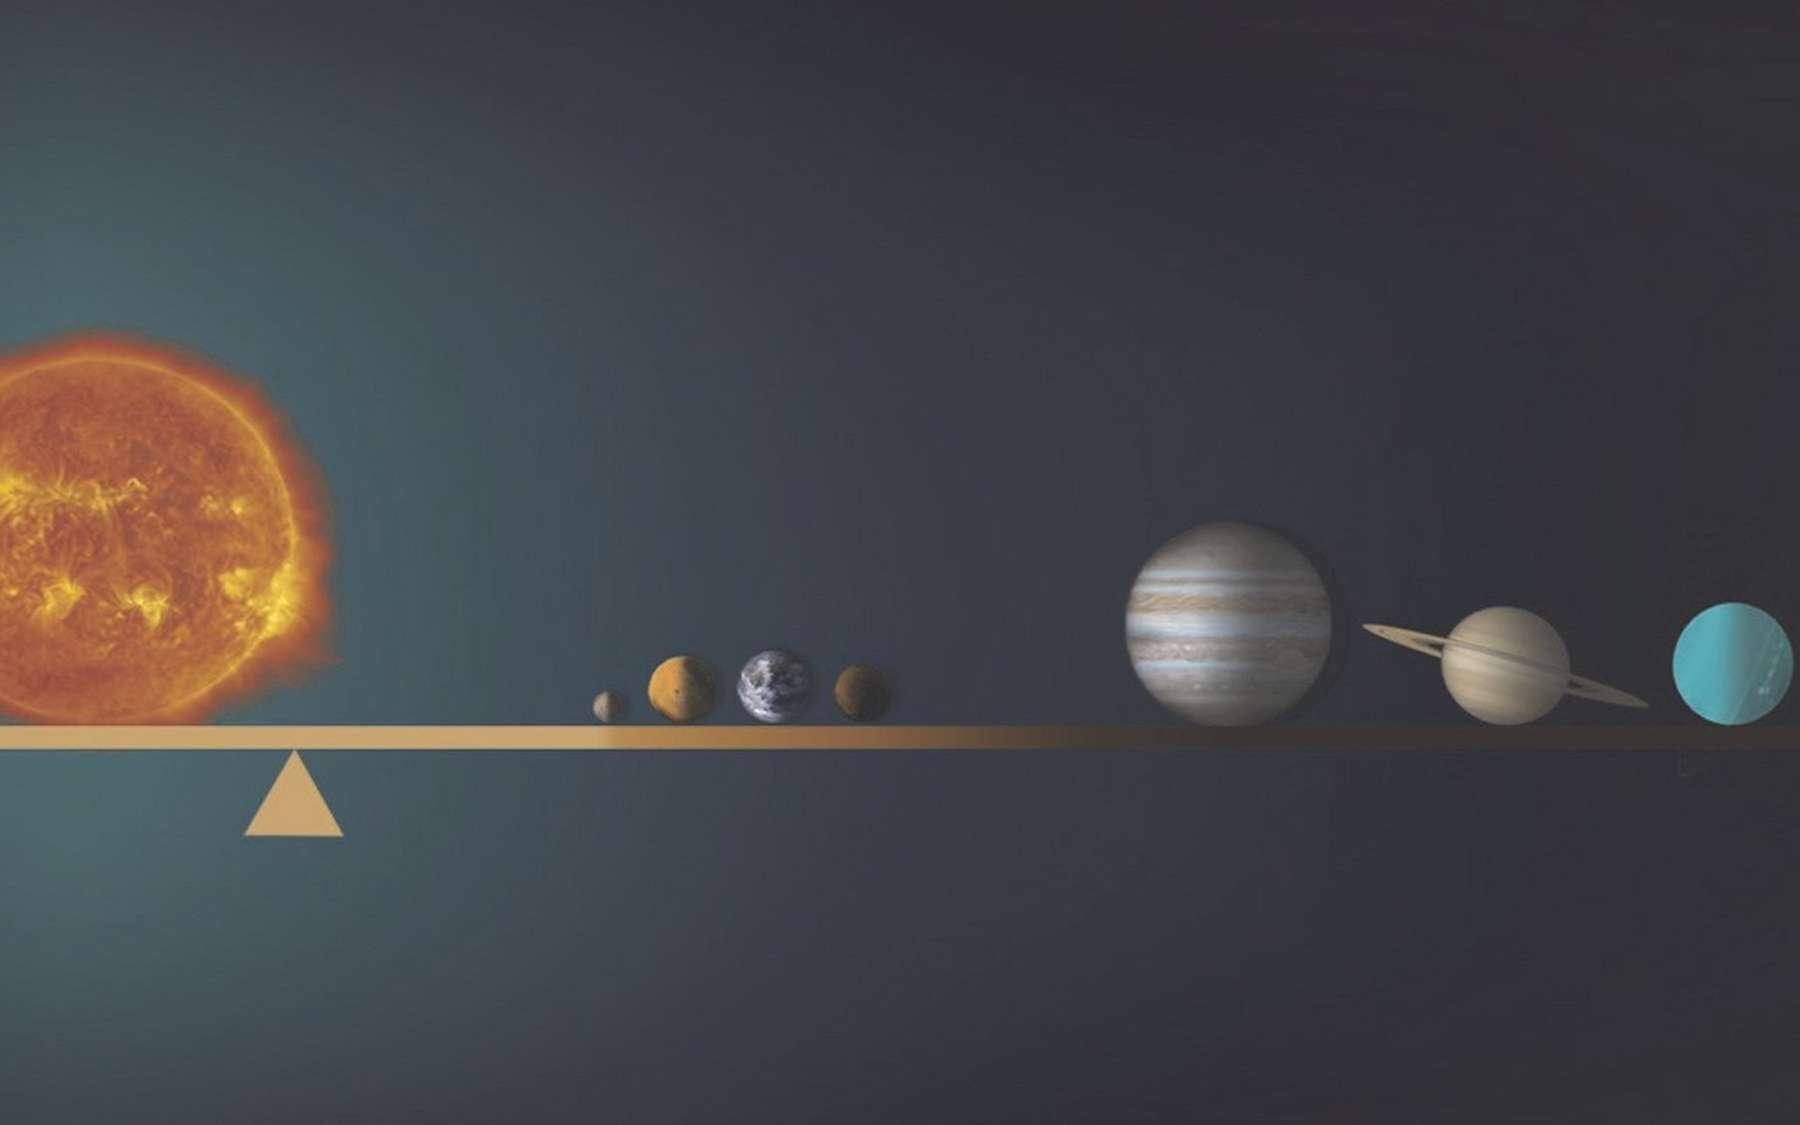 Le centre de gravité du système solaire n'est pas situé au centre du Soleil, mais un peu à l'extérieur de sa surface. © Tonia Klein, NANOGrav Physics Frontier Center